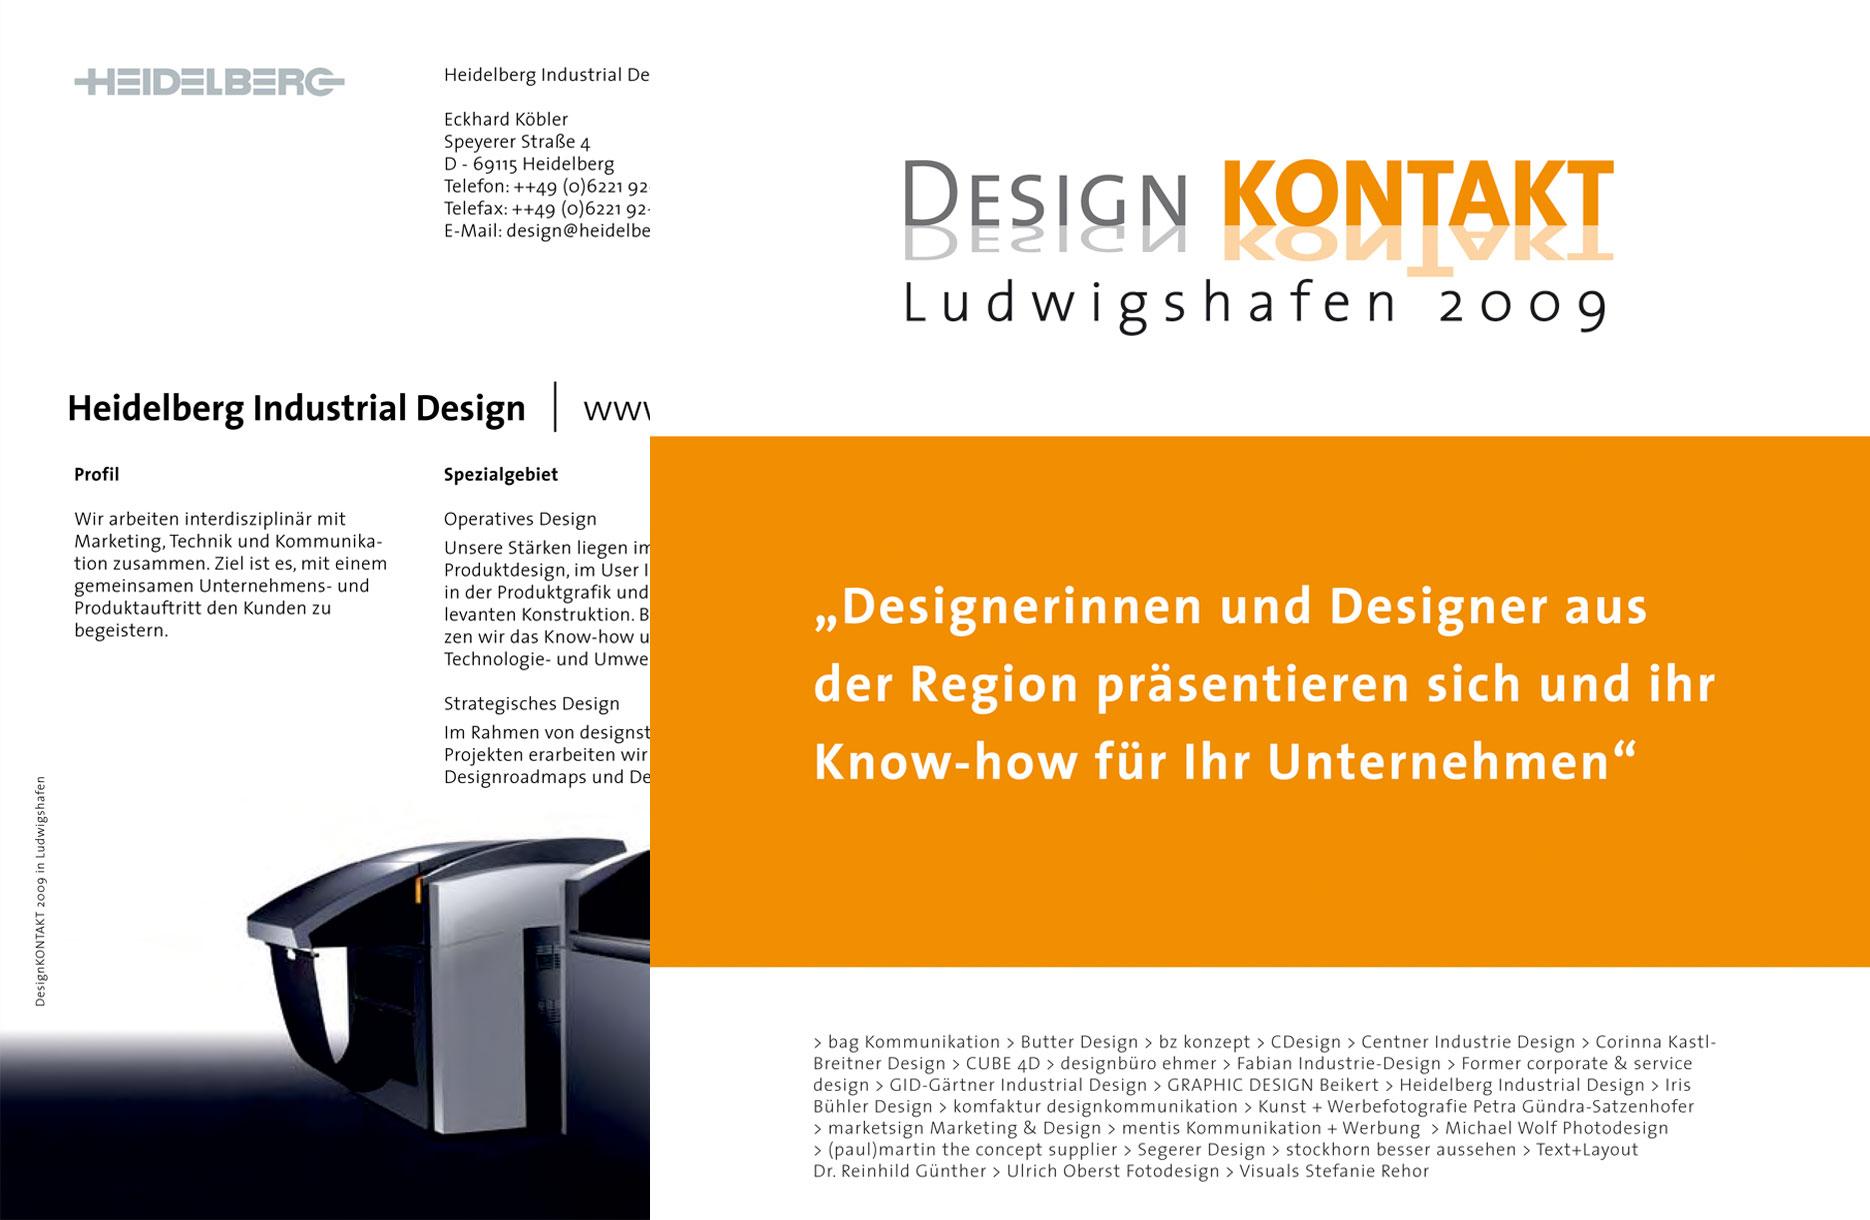 Kampagne für den Designkontakt Ludwigshafen